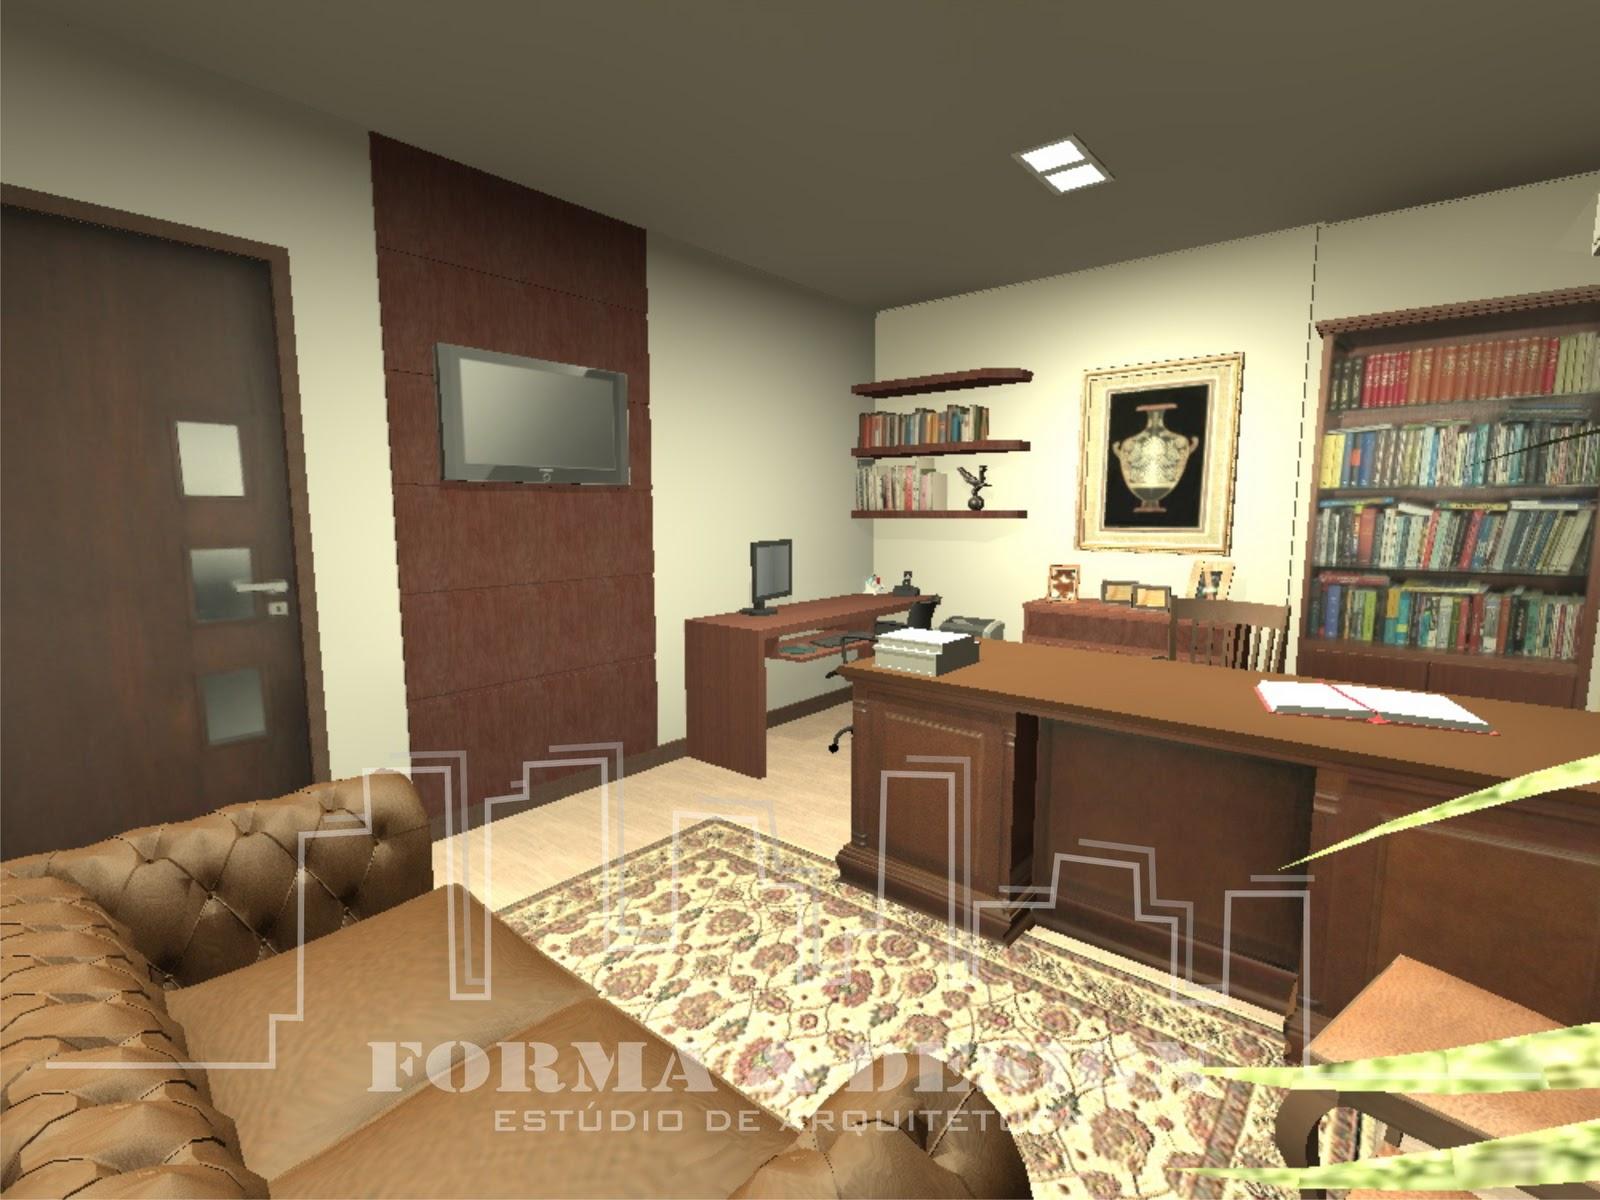 Forma e Design Estúdio de Arquitetura: Escritório de Advocacia #A29429 1600x1200